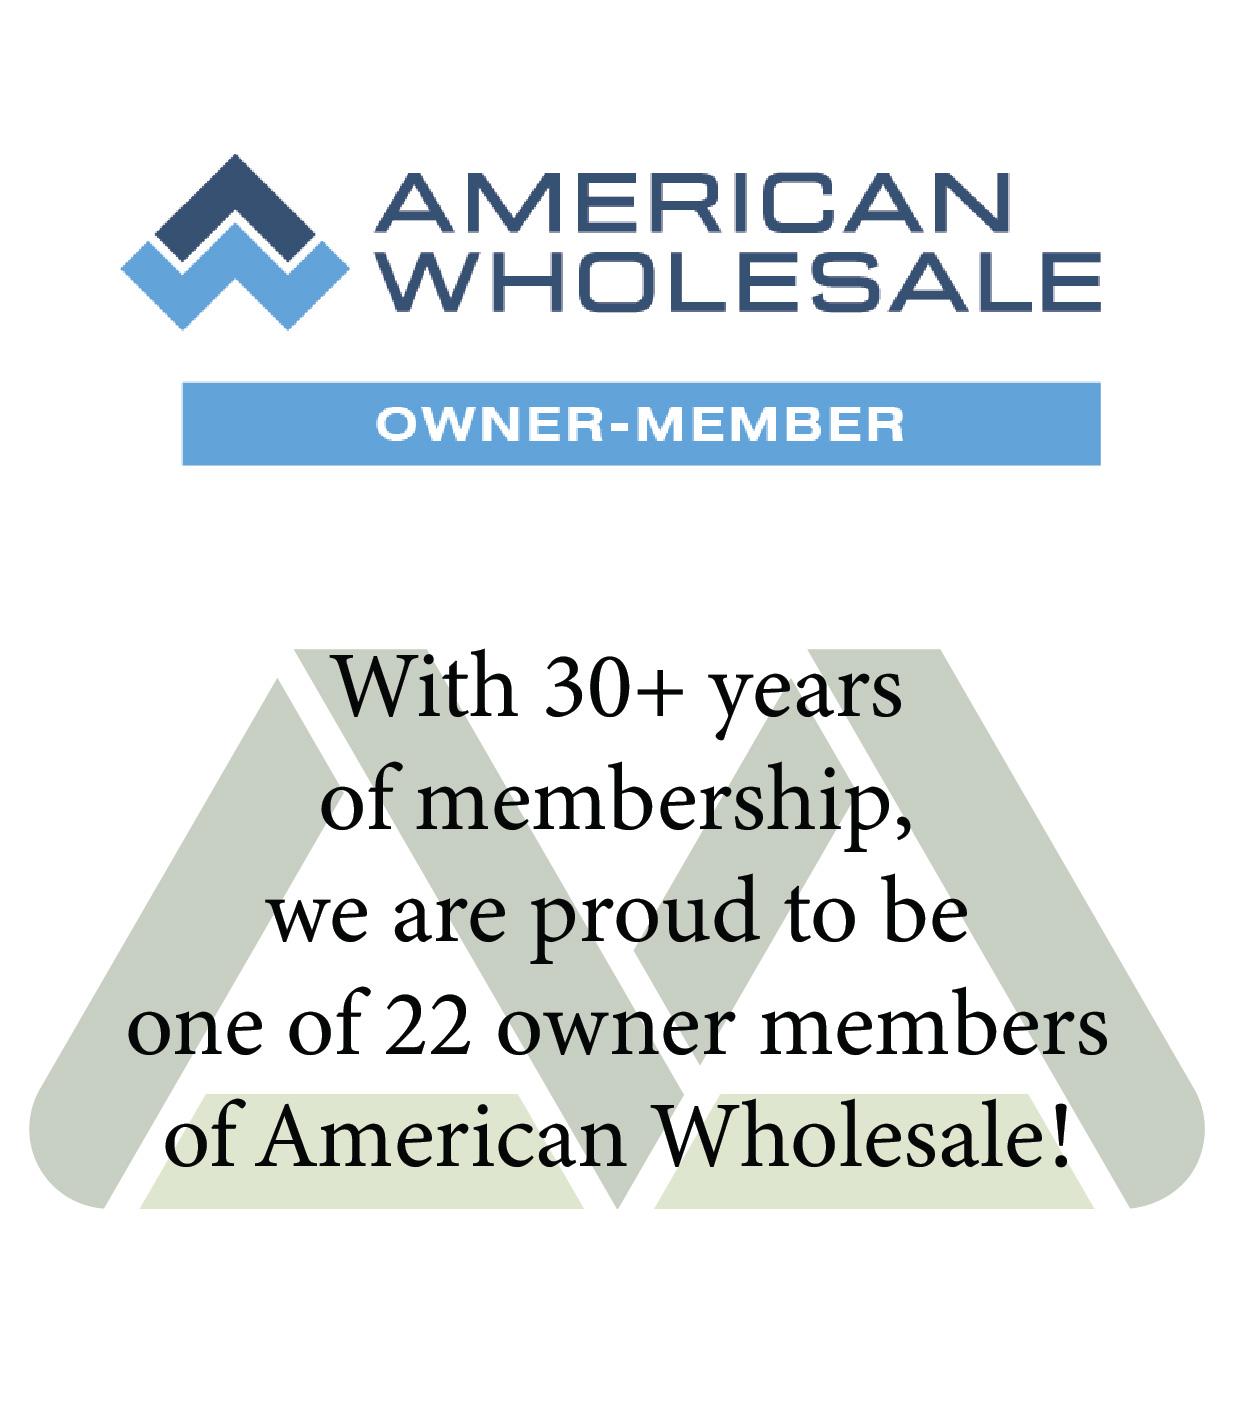 American Wholesale Member